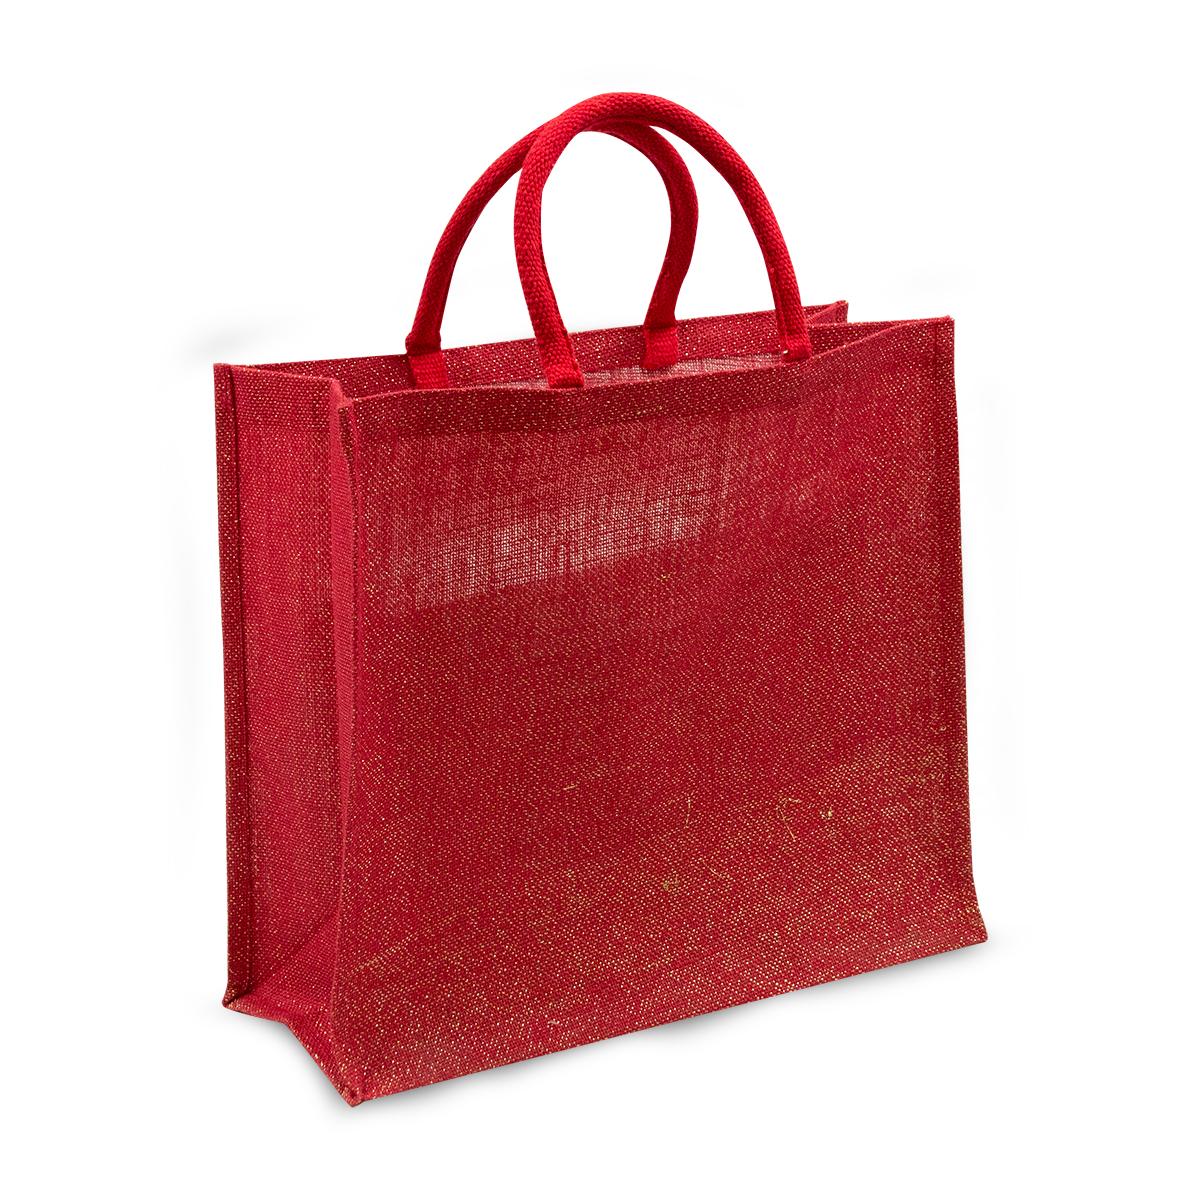 tassen-jute-glitter-rood-product